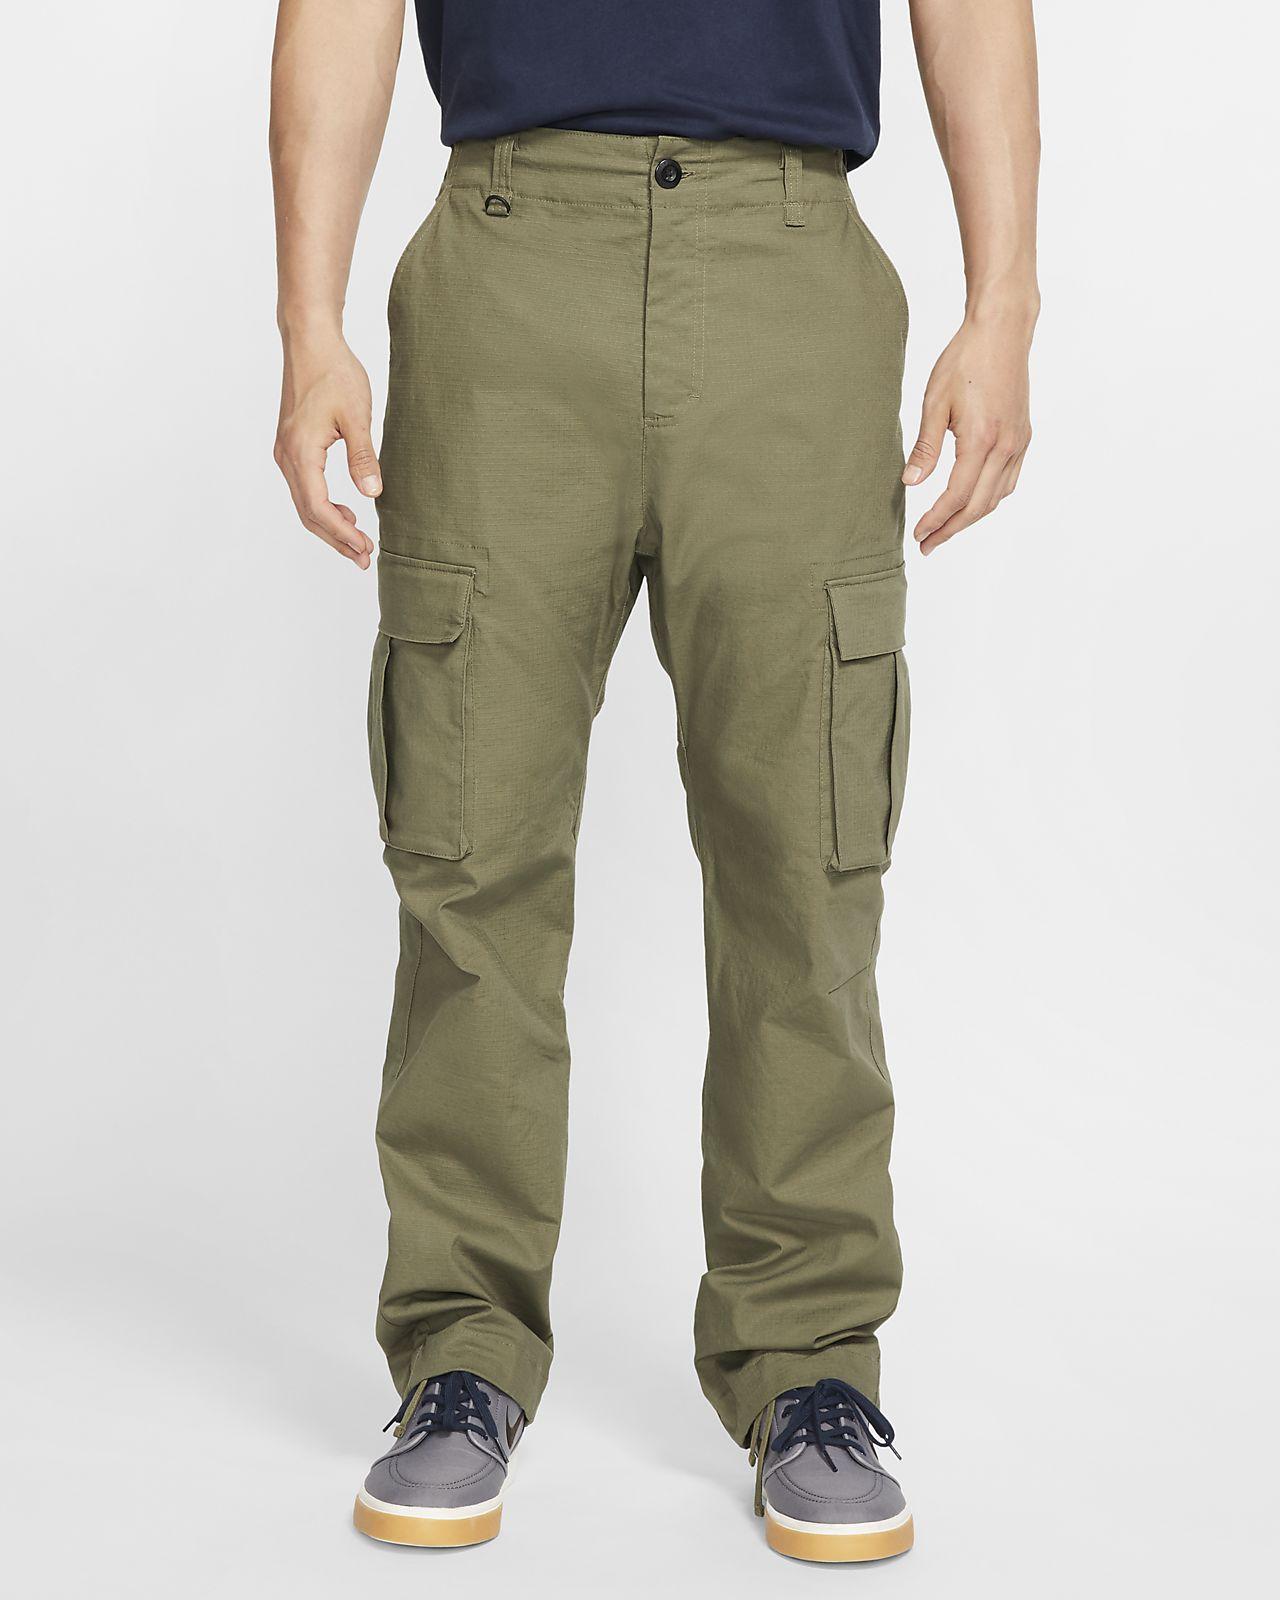 Nike SB Flex FTM Skate Pants